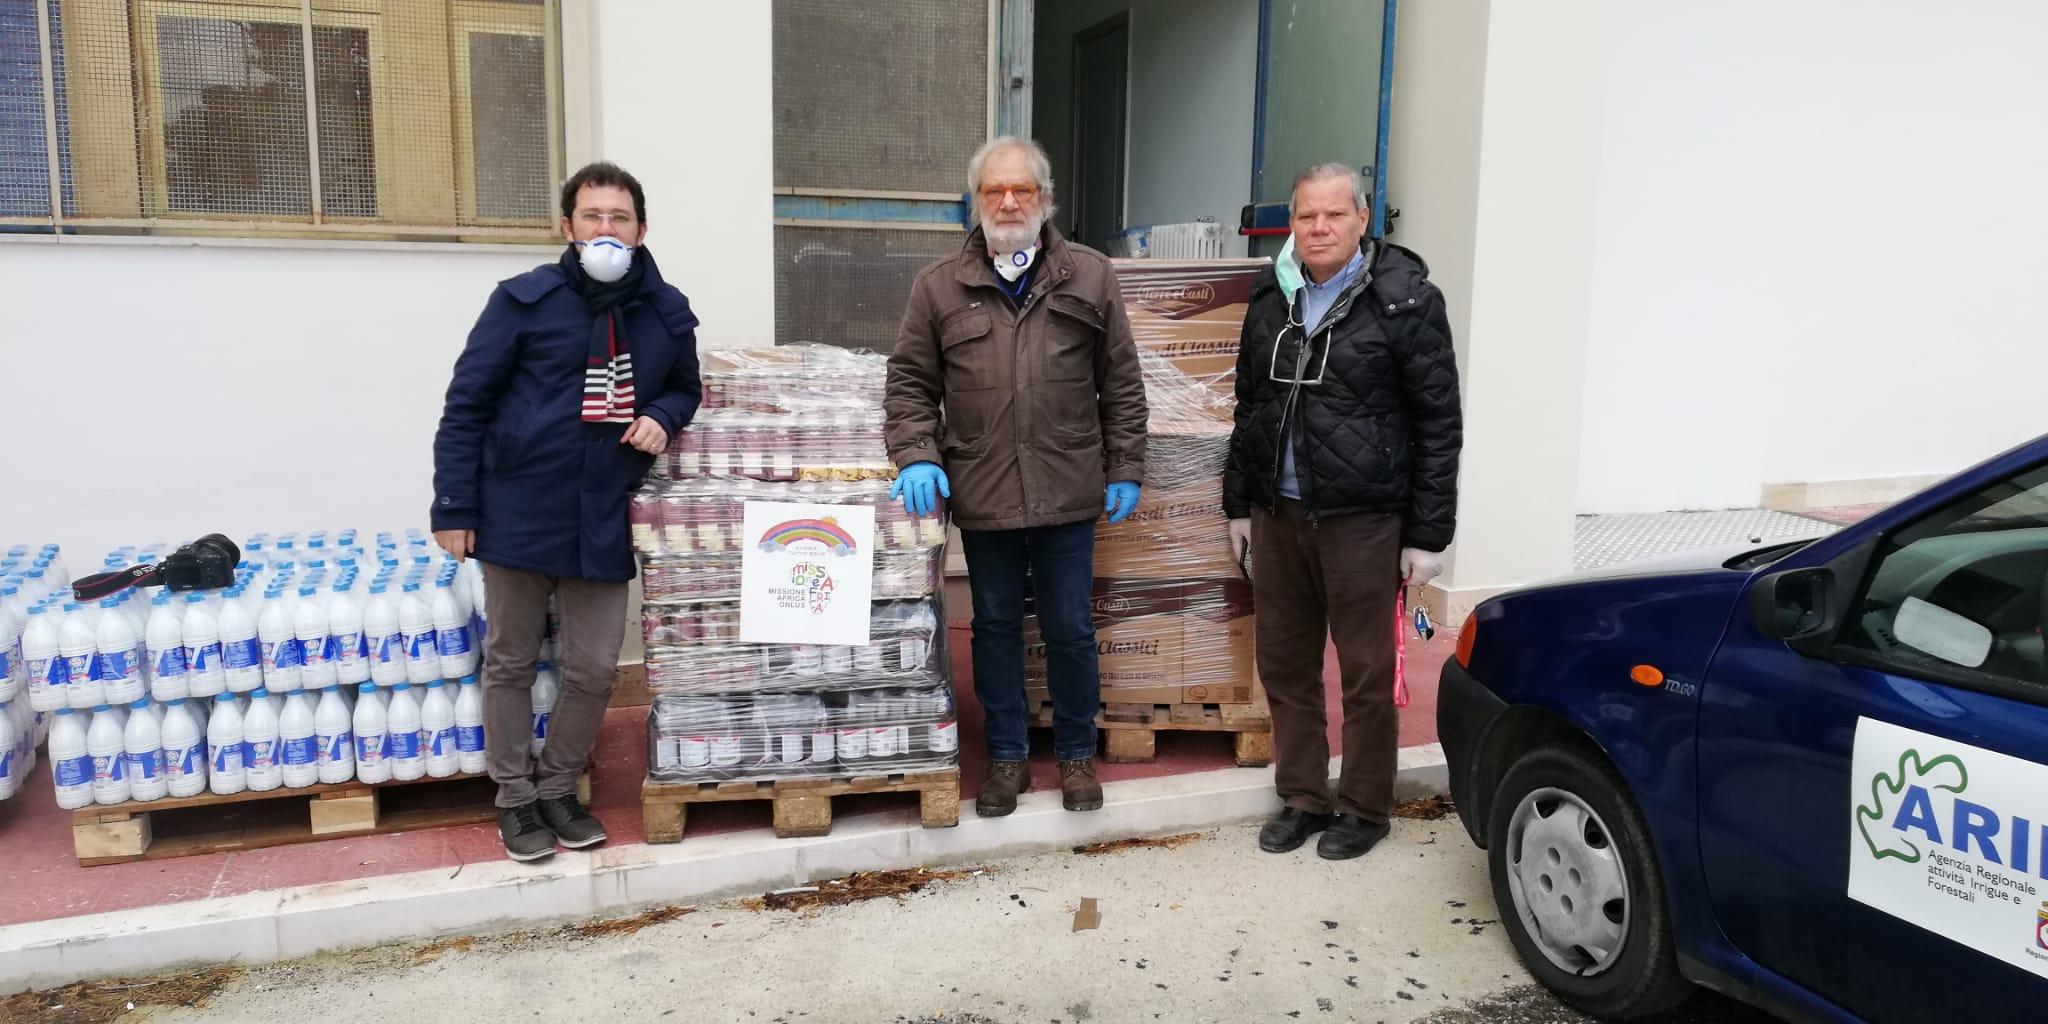 Missione Africa ha consegnato al Comune di Torremaggiore 1500 kg di prodotti alimentari per le famiglie bisognose